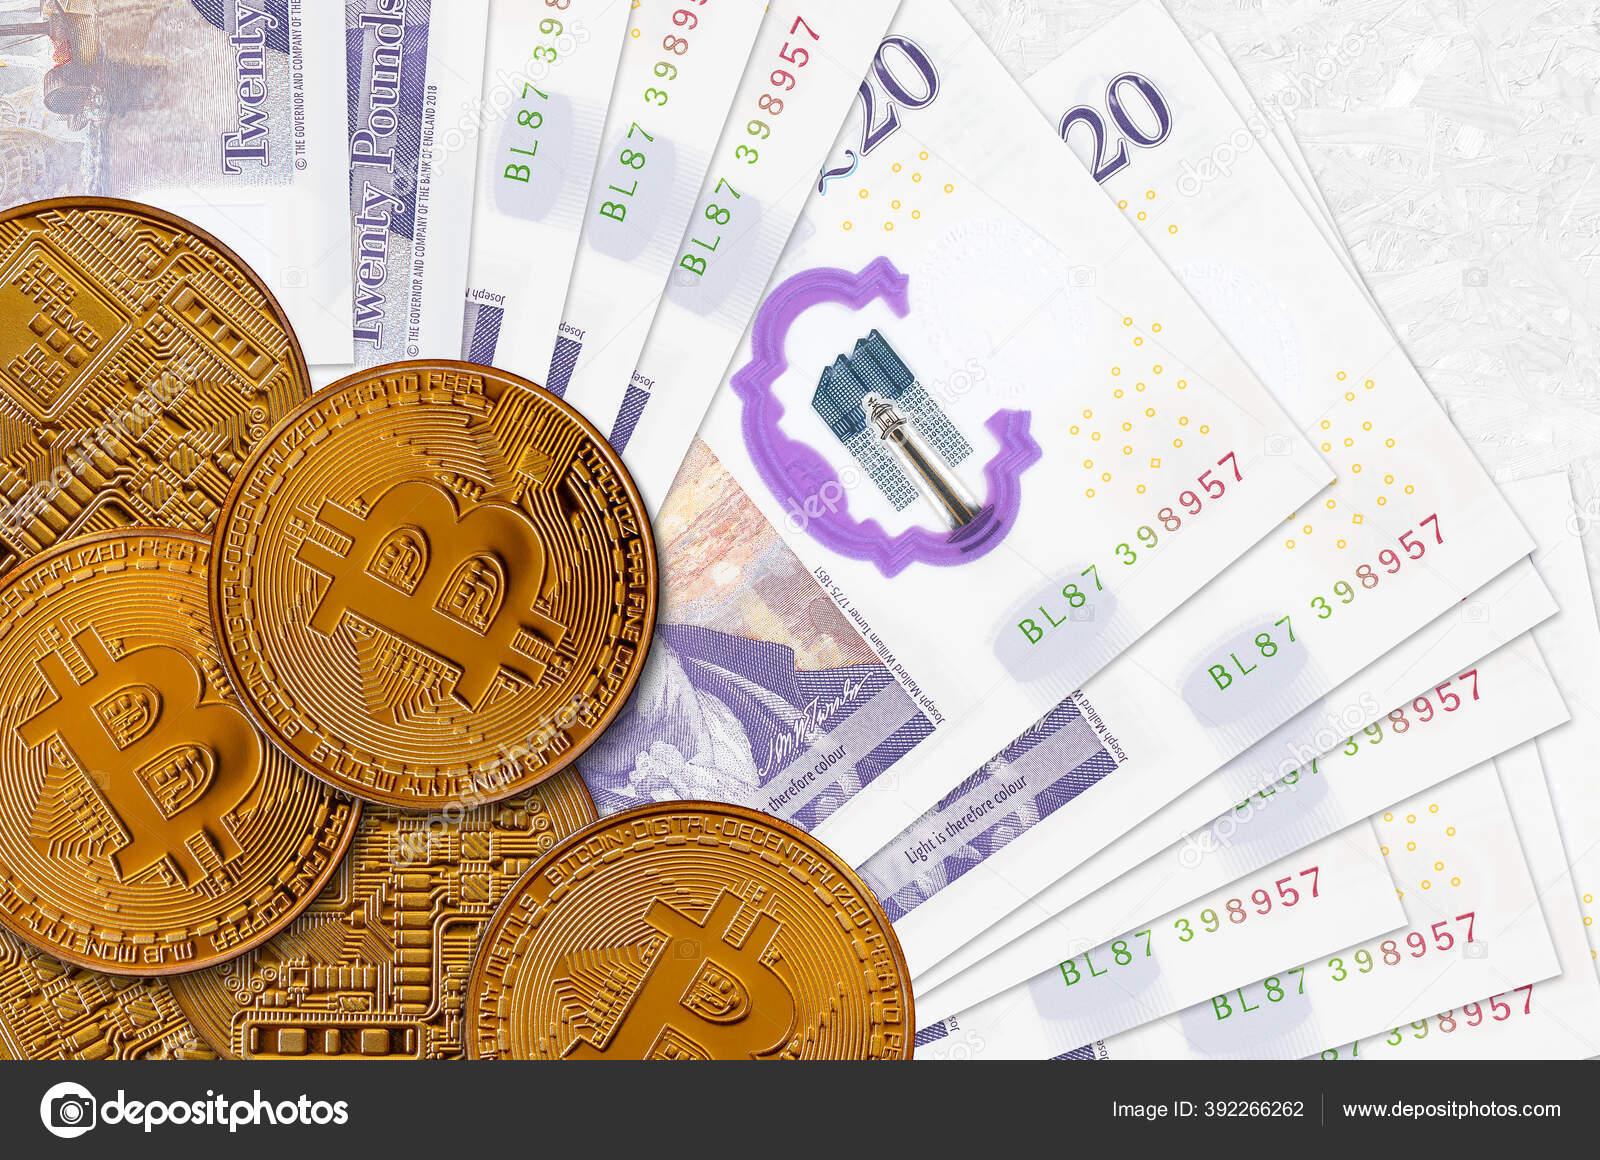 criptomoeda mais promissora para investir em posso investir 2000 rúpias em bitcoin